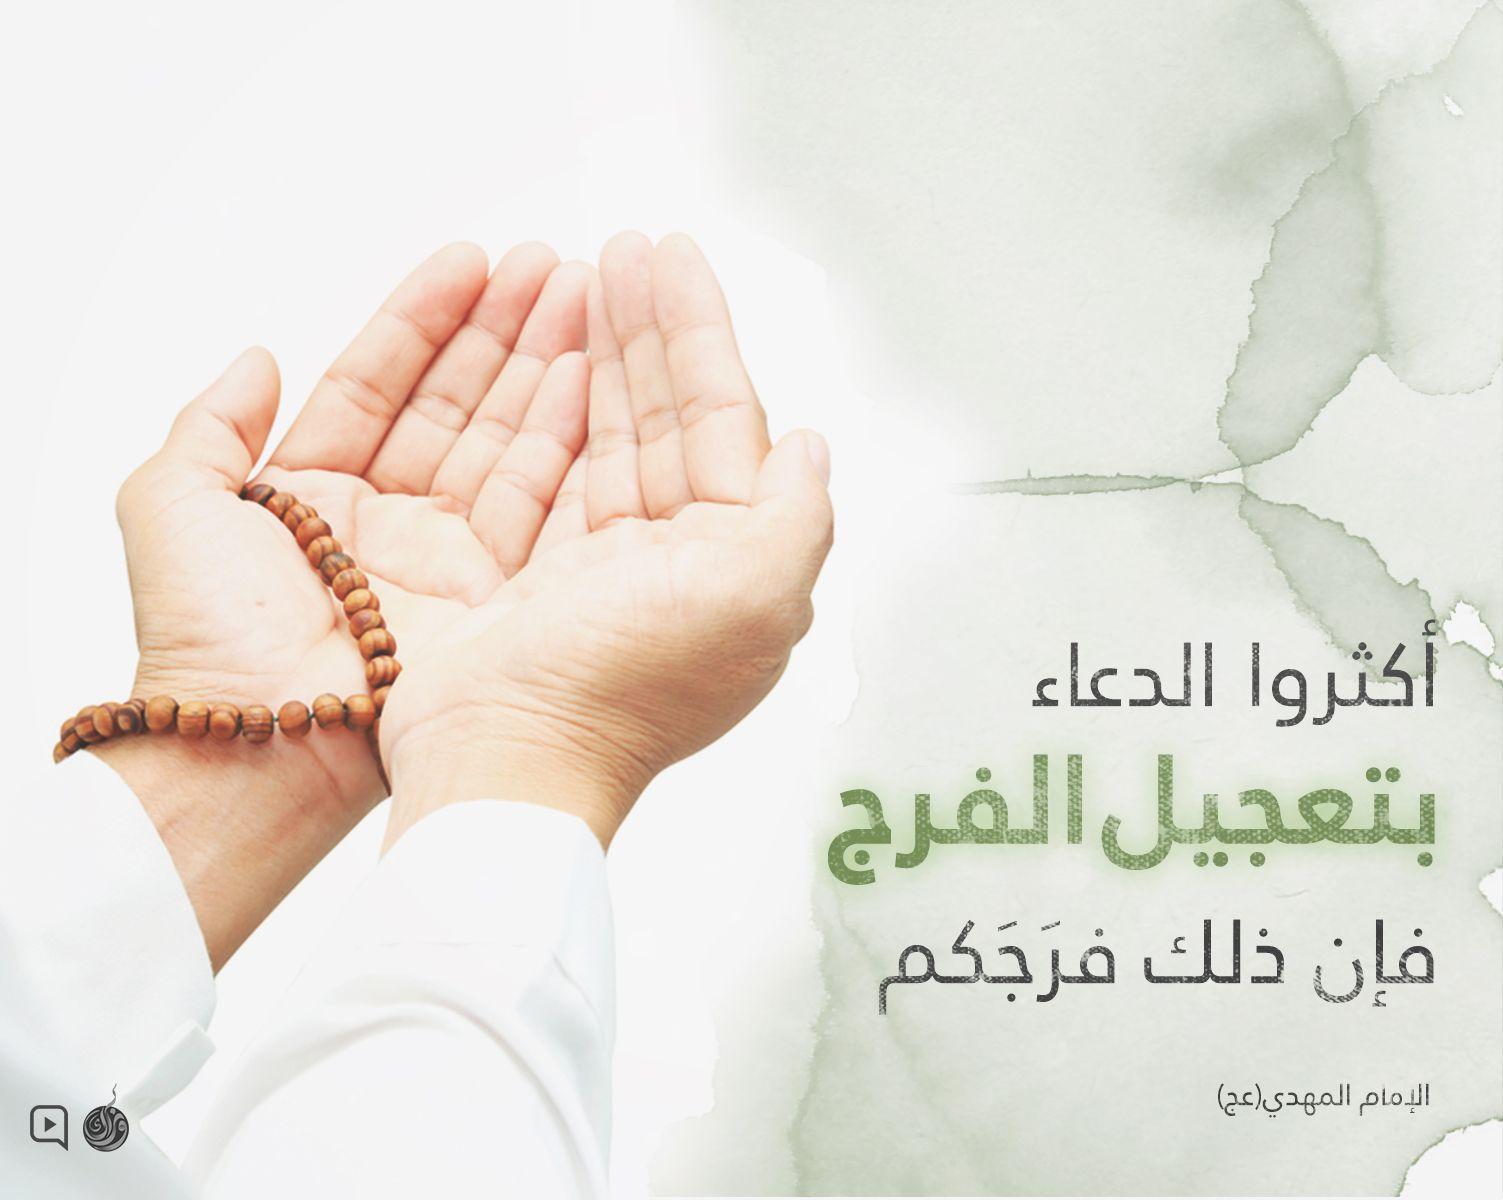 الإمام المهدي أكثروا الدعاء بتعجيل الفرج Holding Hands Hands